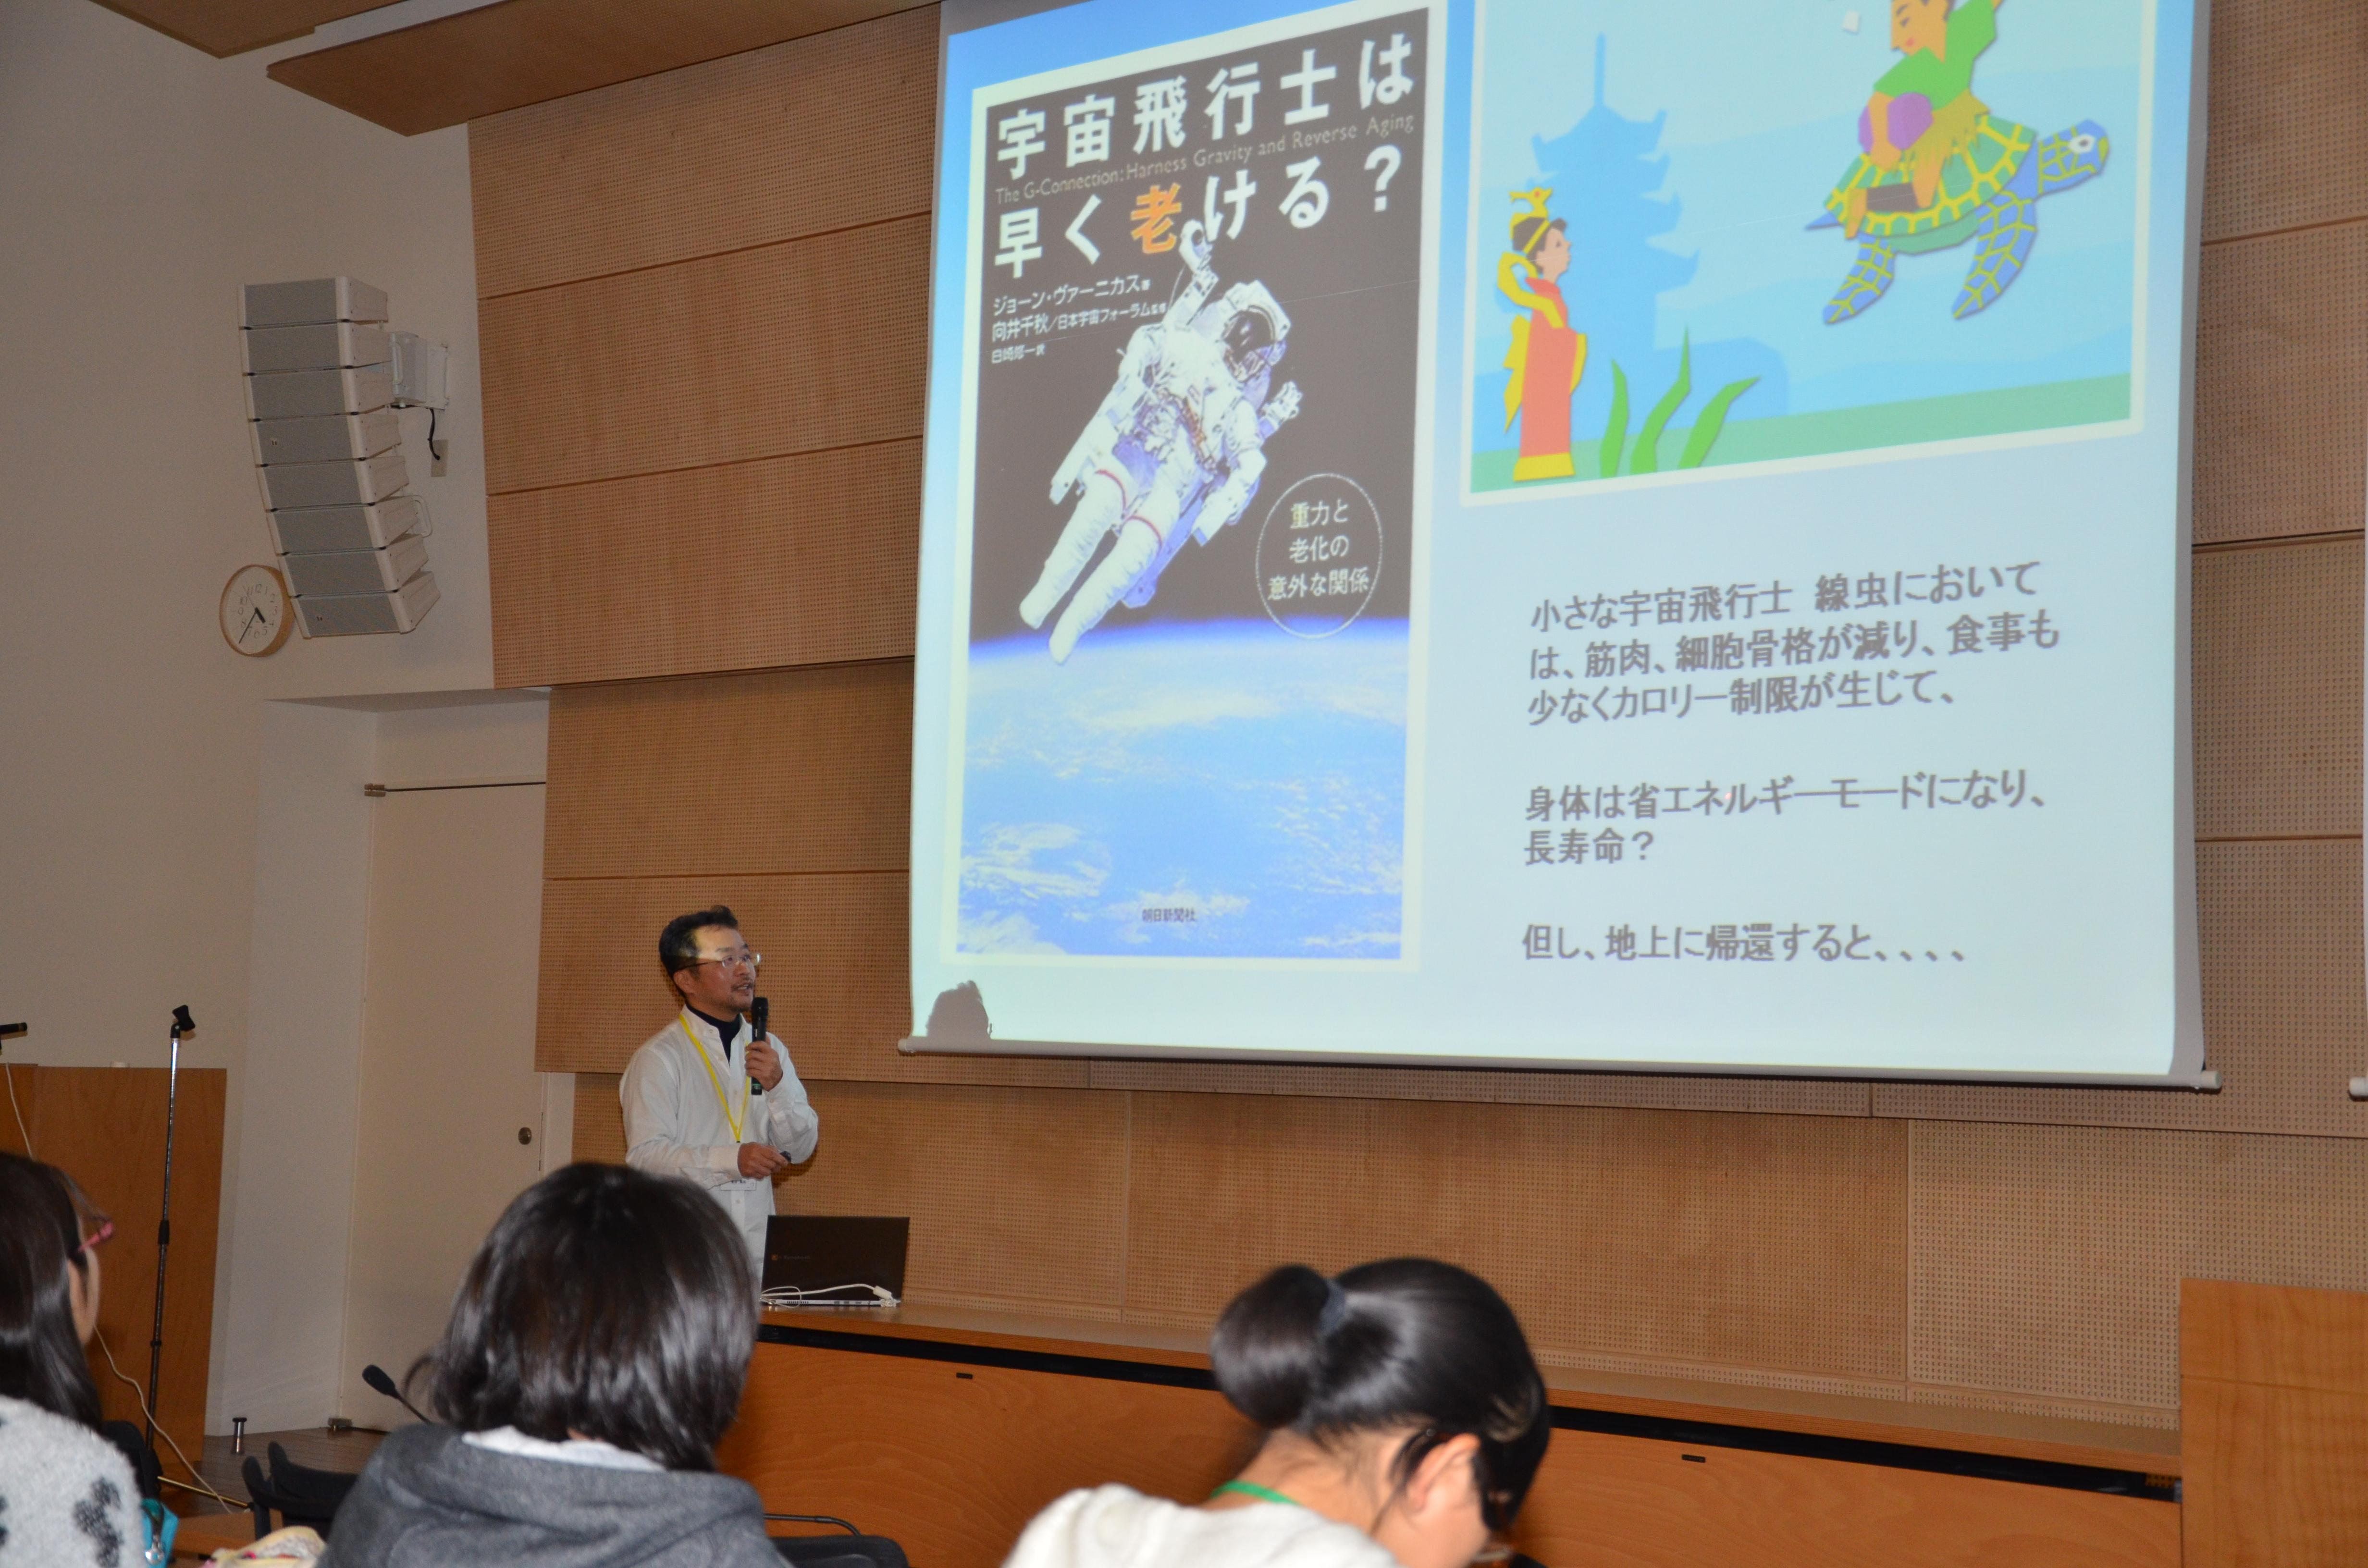 http://www.ige.tohoku.ac.jp/mirai/news/upload_items/201312/059.JPG